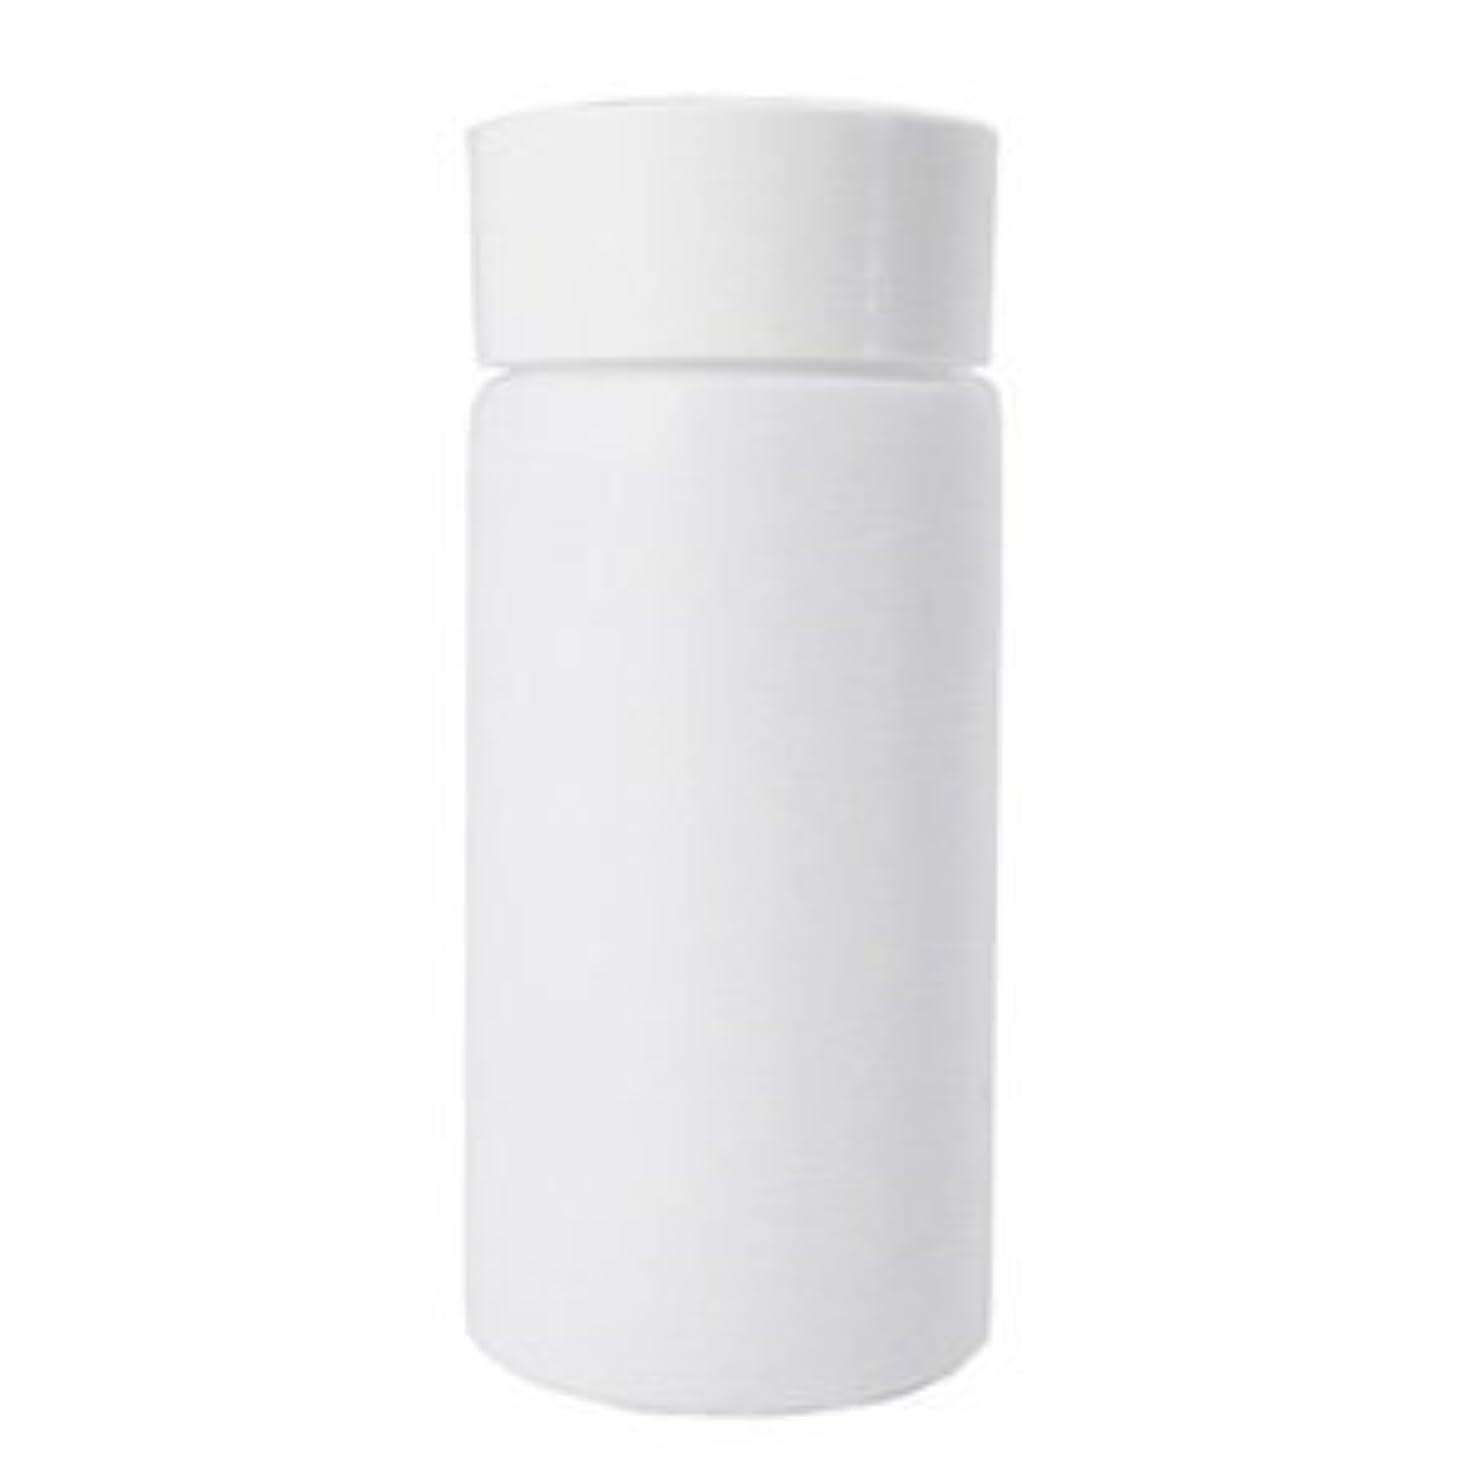 要旨どれか北米パウダー用ボトル容器 154ml 材質 HDPE EVOH